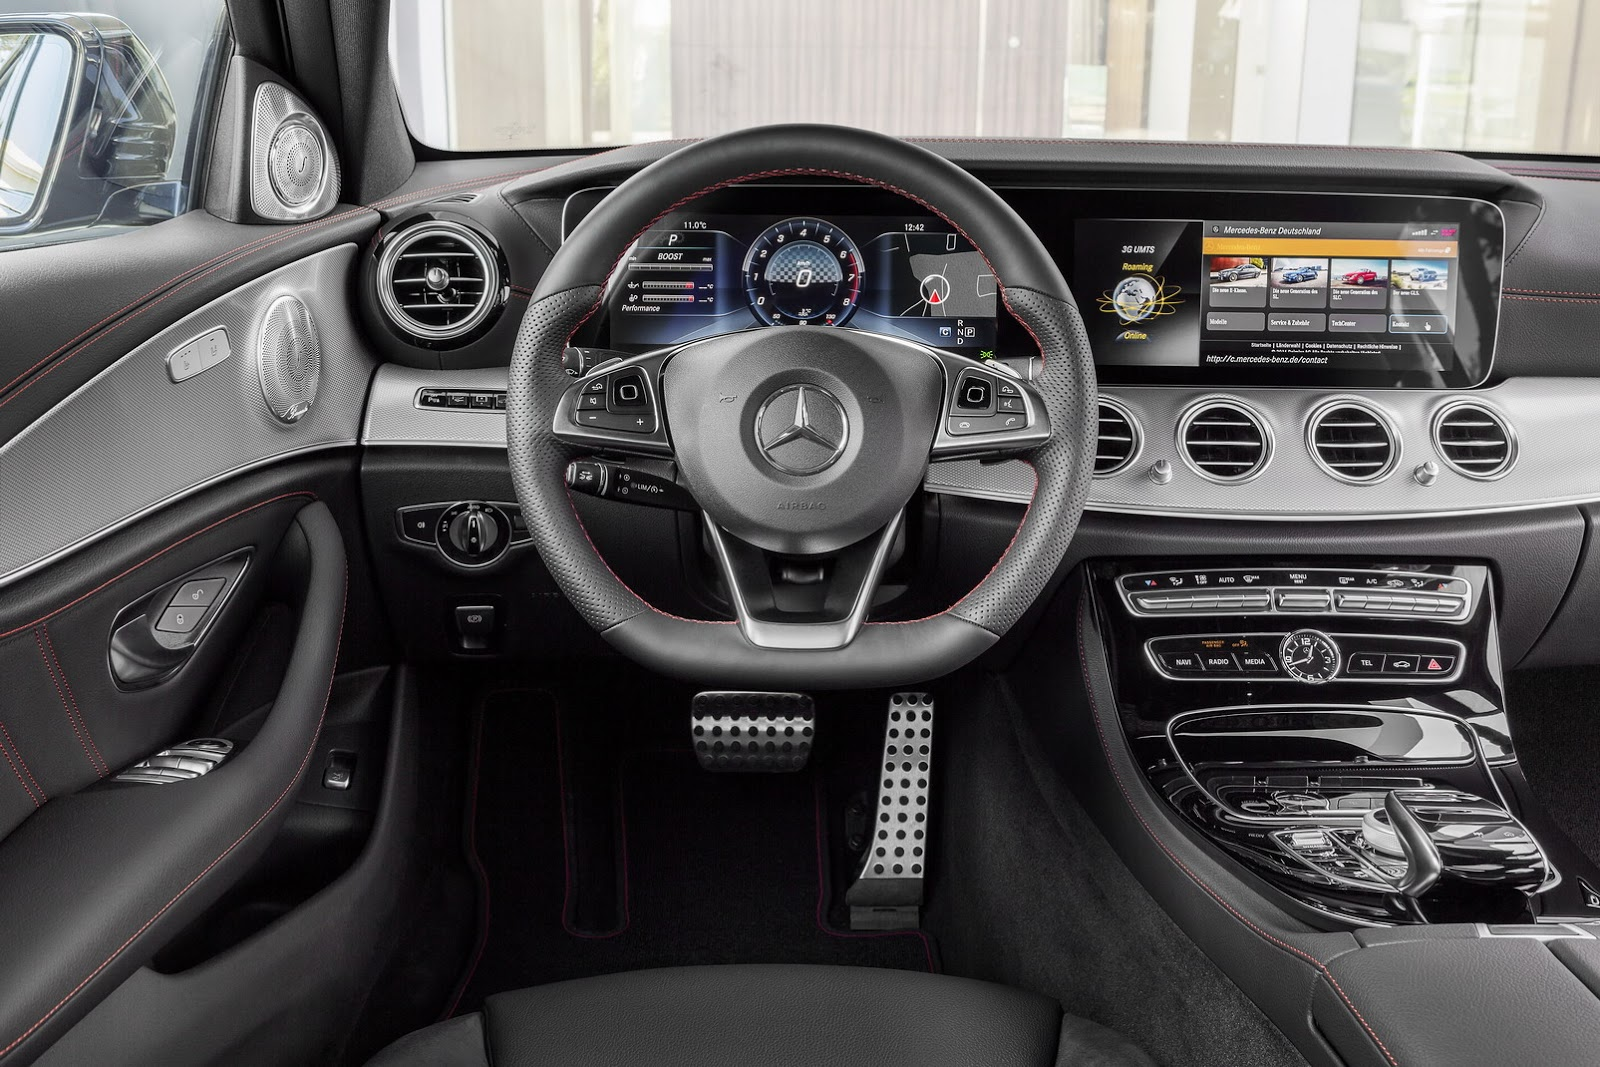 New 2017 Mercedes-AMG E43 Sedan Brings A 396HP Bi-Turbo V6 And Stealthy Looks